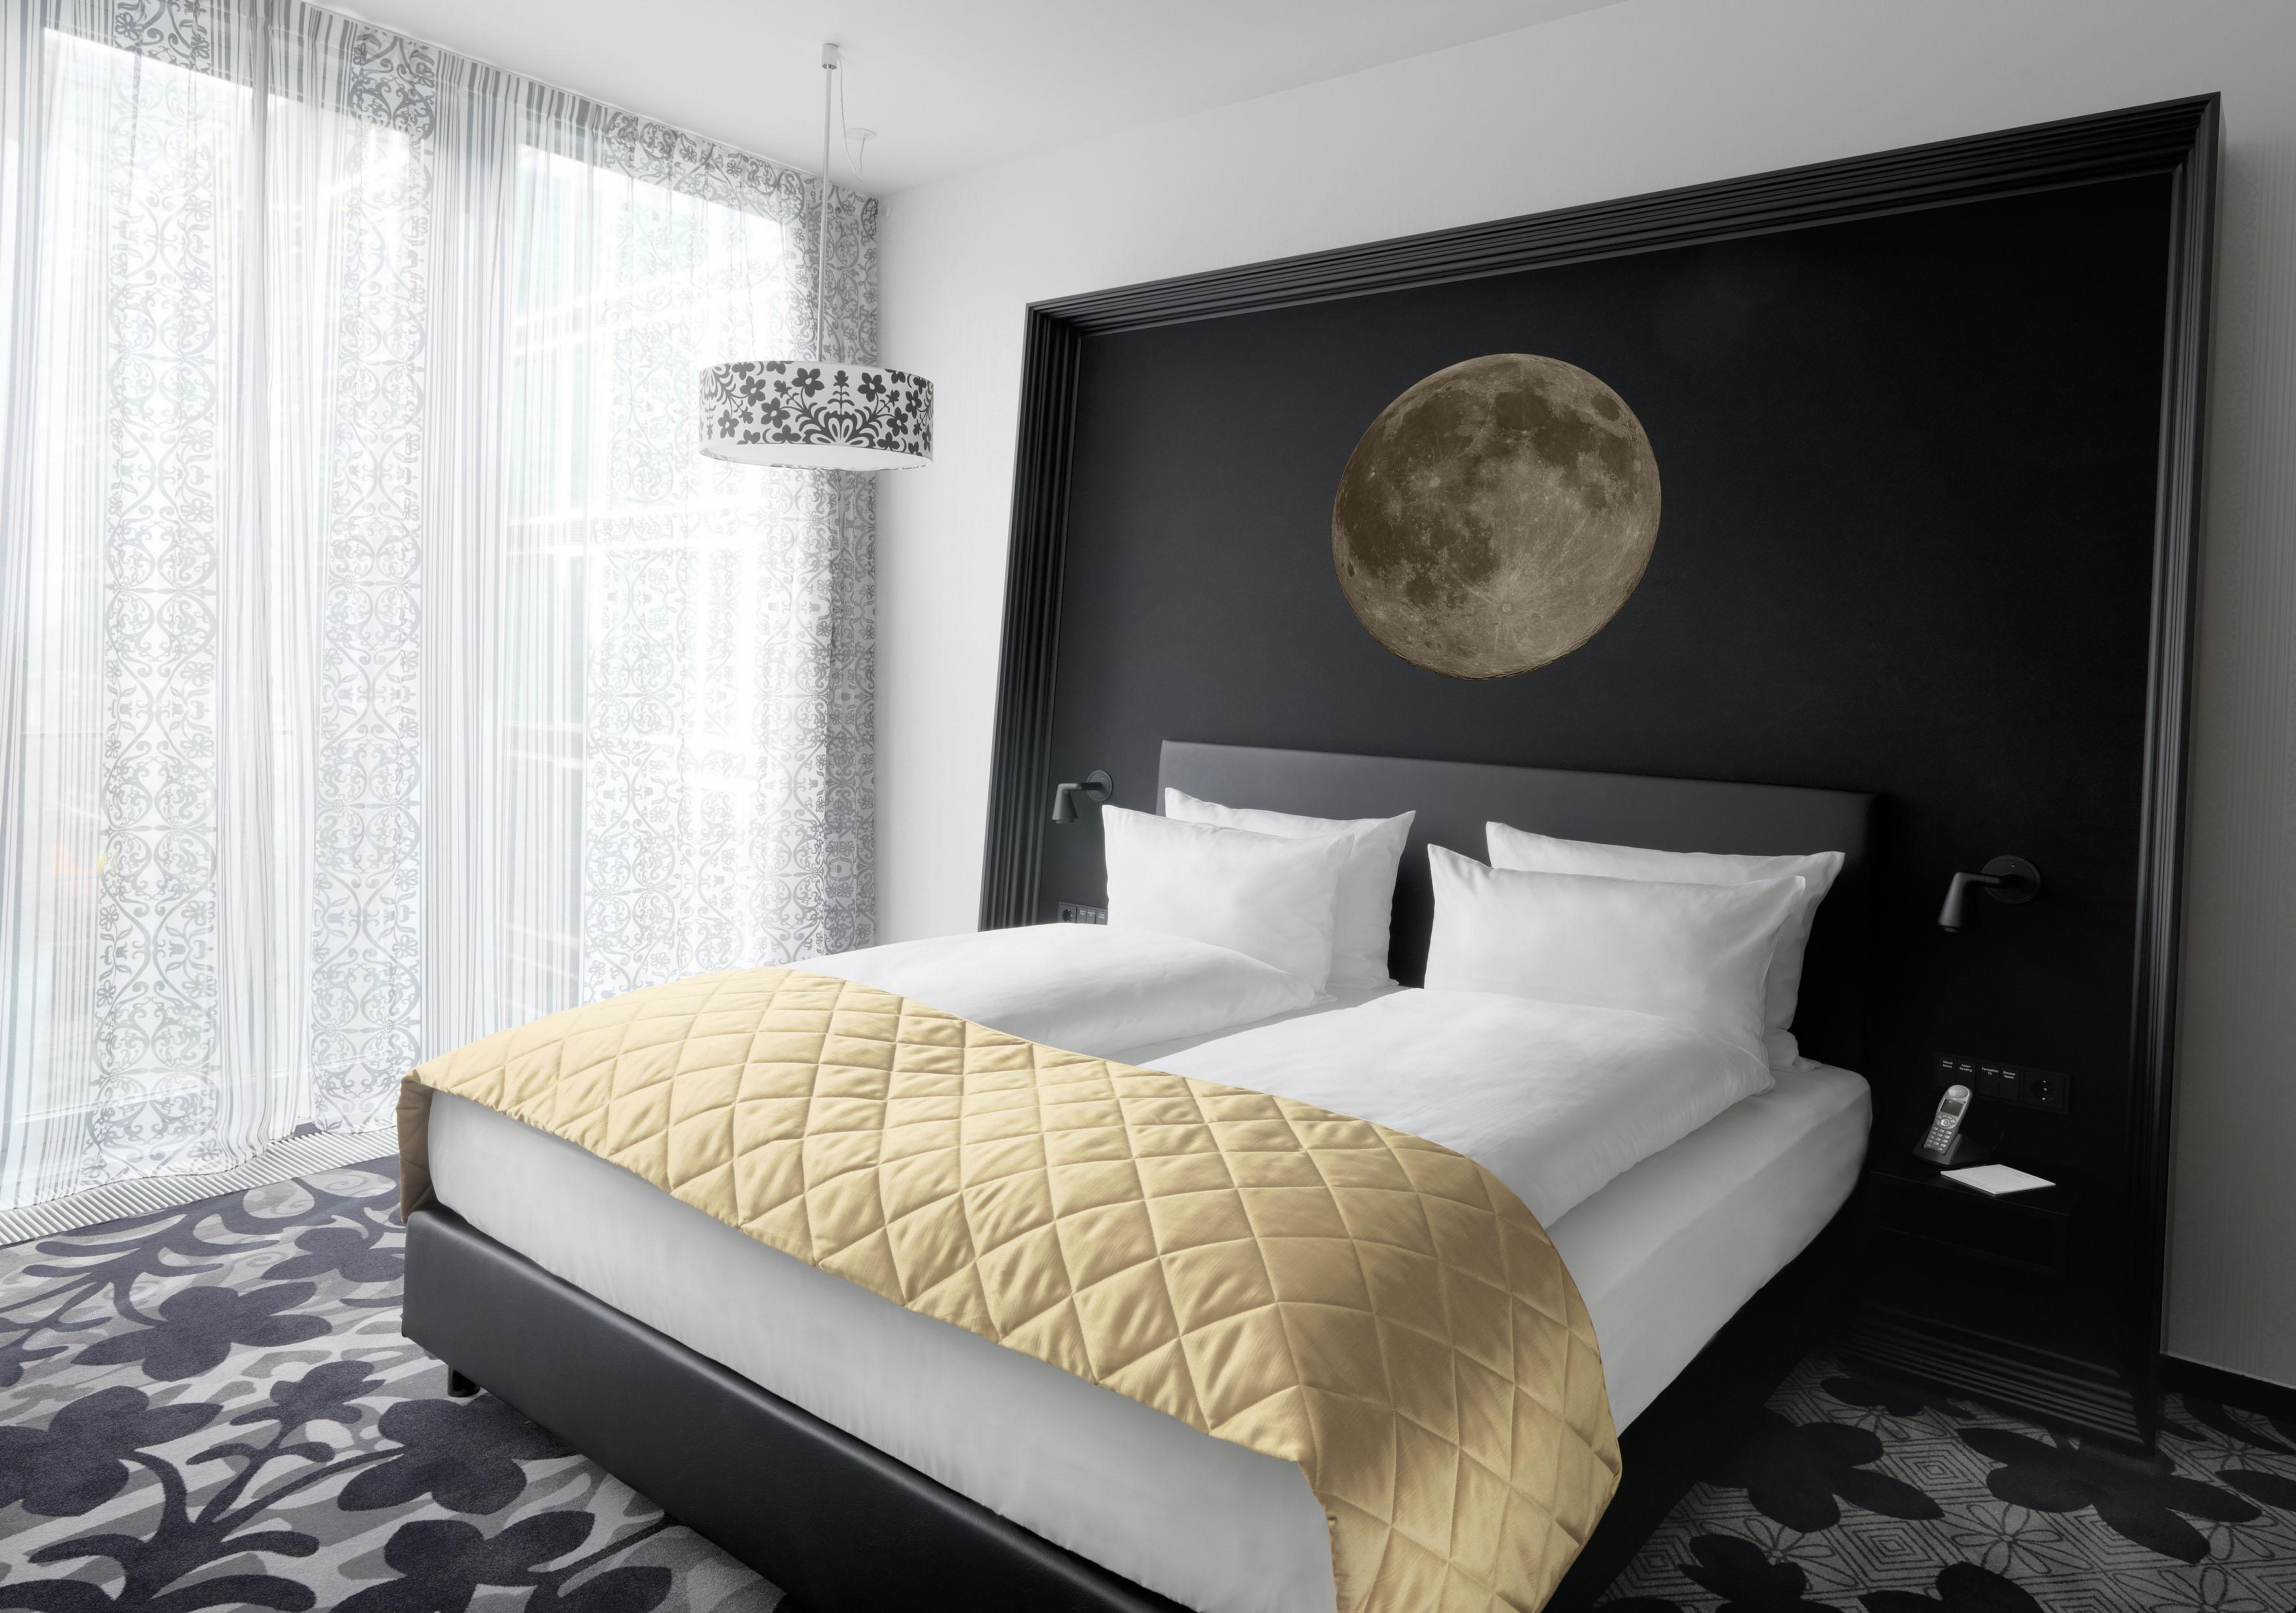 bonn online hotelreservierung und apartment buchung preise. Black Bedroom Furniture Sets. Home Design Ideas